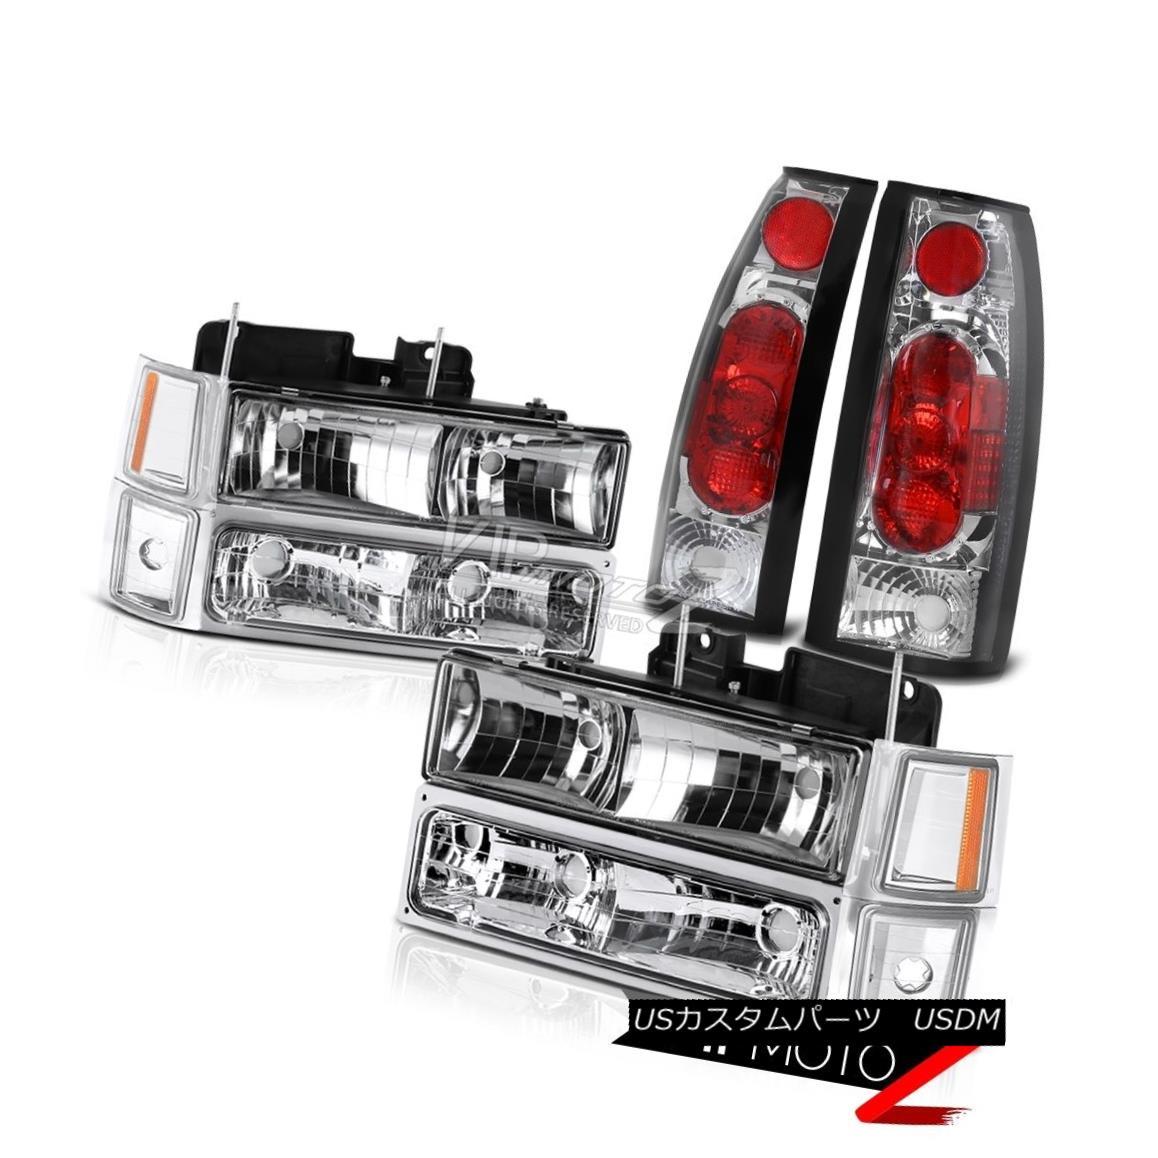 ヘッドライト NEWEST Chrome Altezza Tail Lights Headlights 1994-1998 Chevy Silverado Suburban 最新のクロームAltezzaテールライトヘッドライト1994-1998 Chevy Silverado郊外